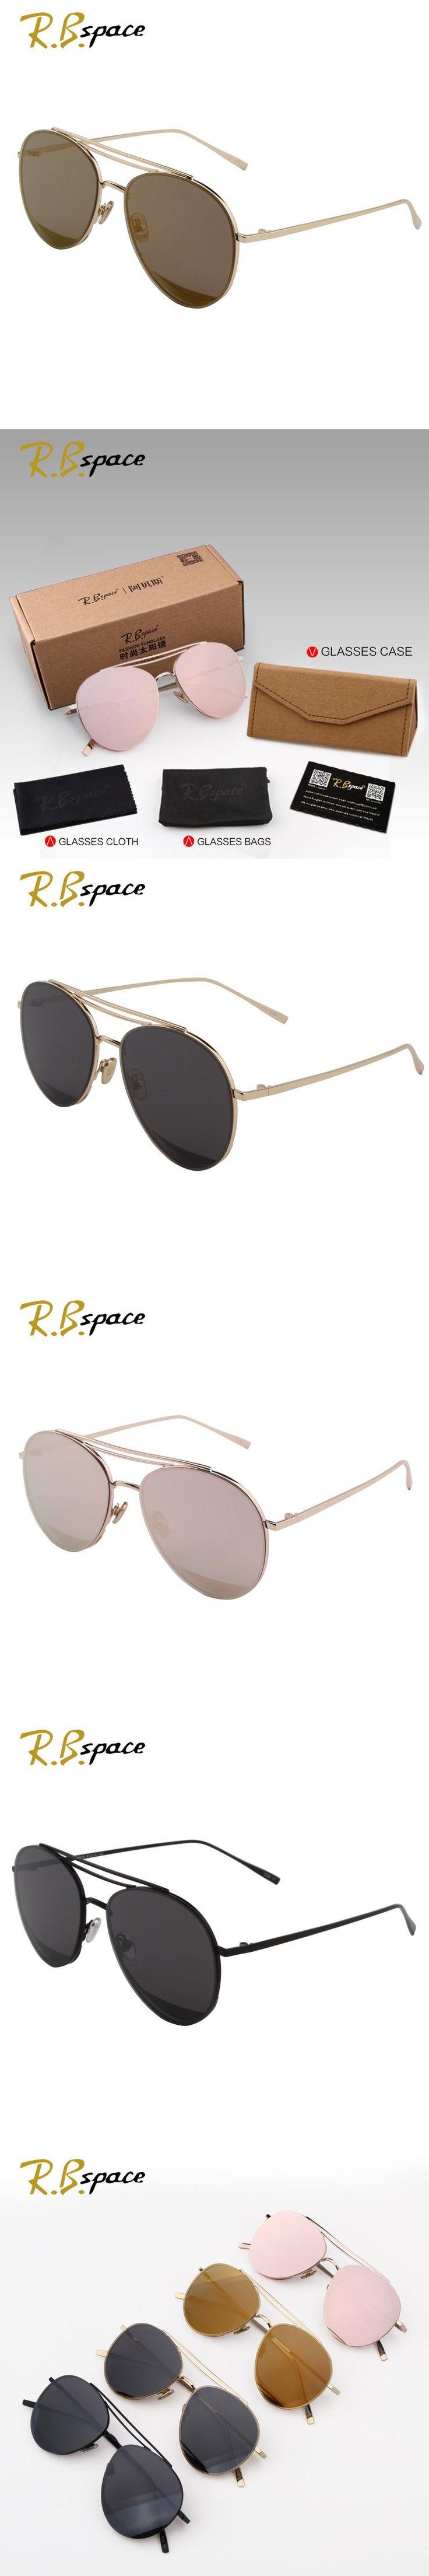 best 25+ oval sunglasses ideas on pinterest | vintage sunglasses